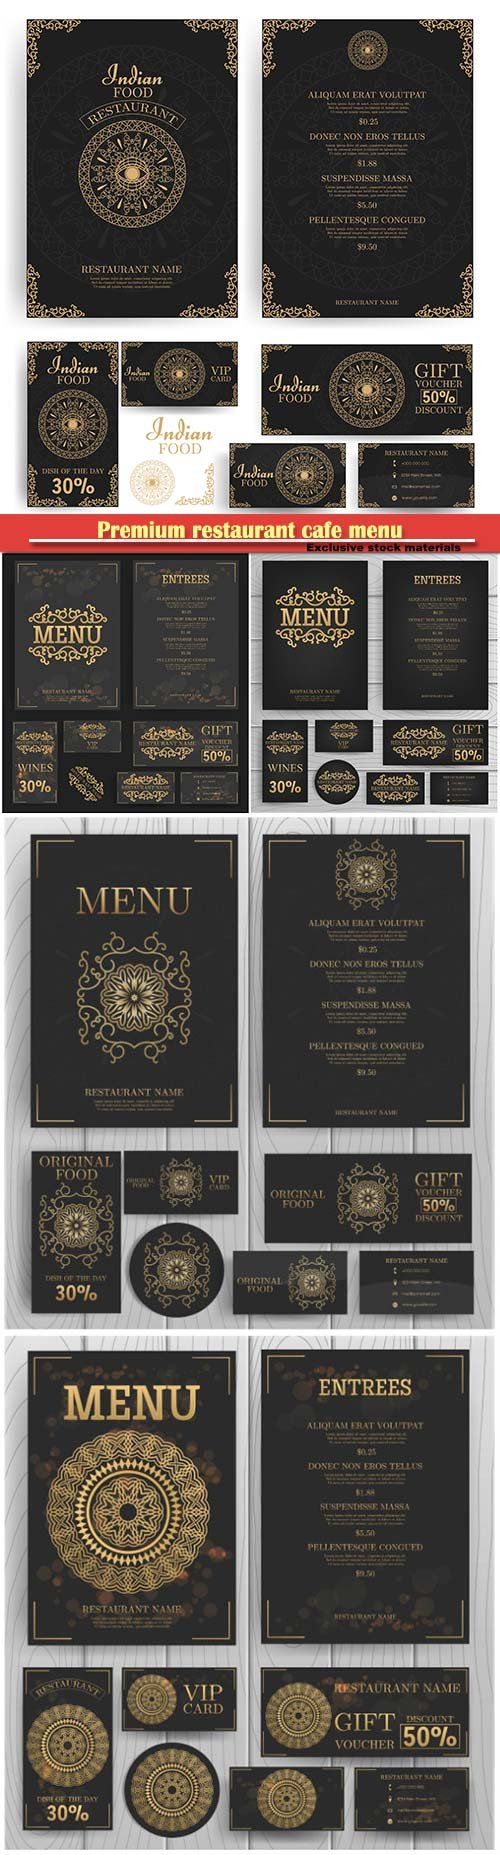 Premium restaurant cafe menu, template vector design